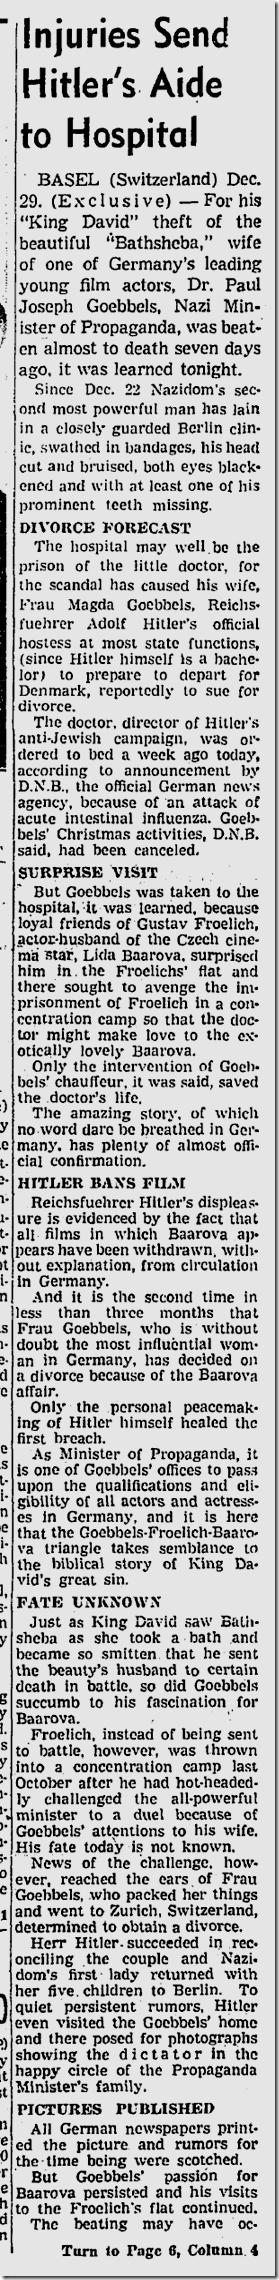 Dec. 30, 1938, Baarova-Goebels